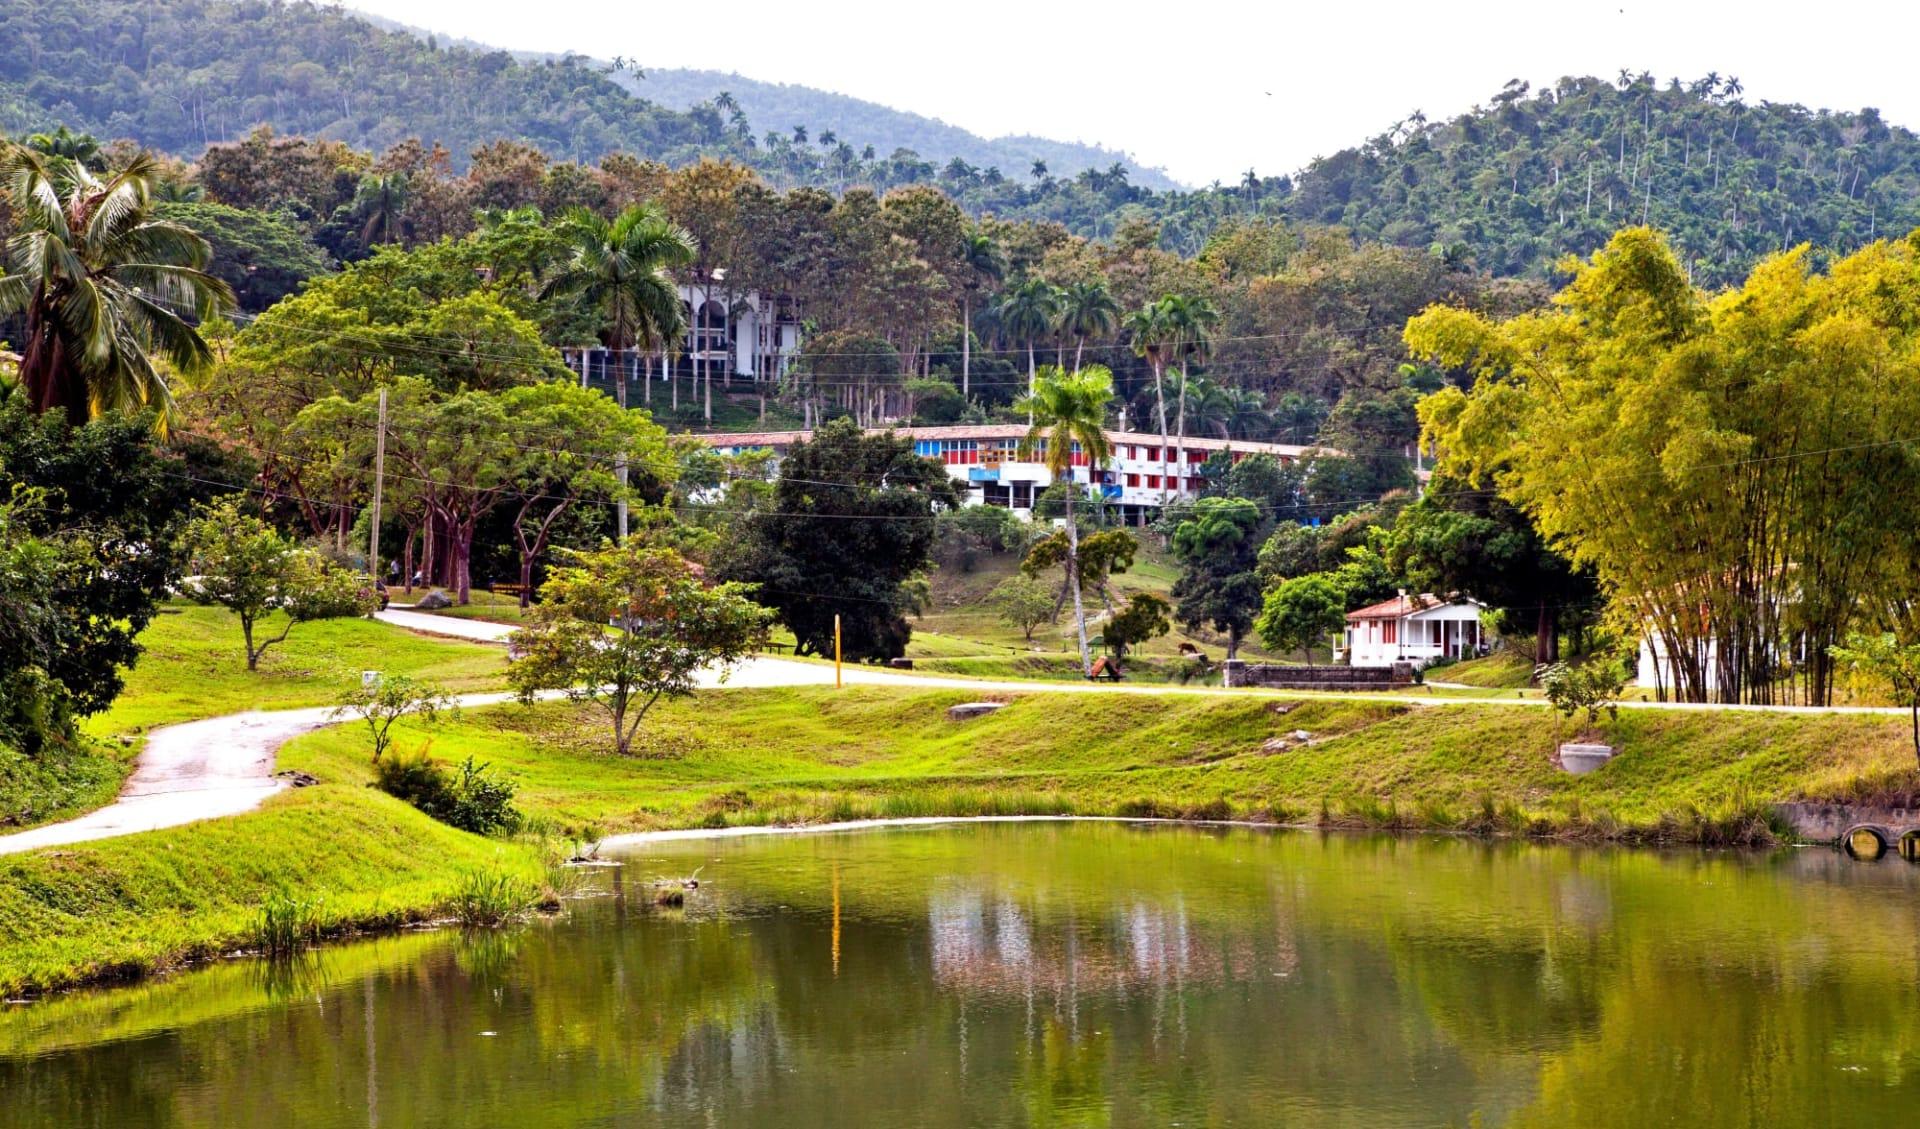 Hotel La Moka in Las Terrazas: shutterstock_594790292_terra